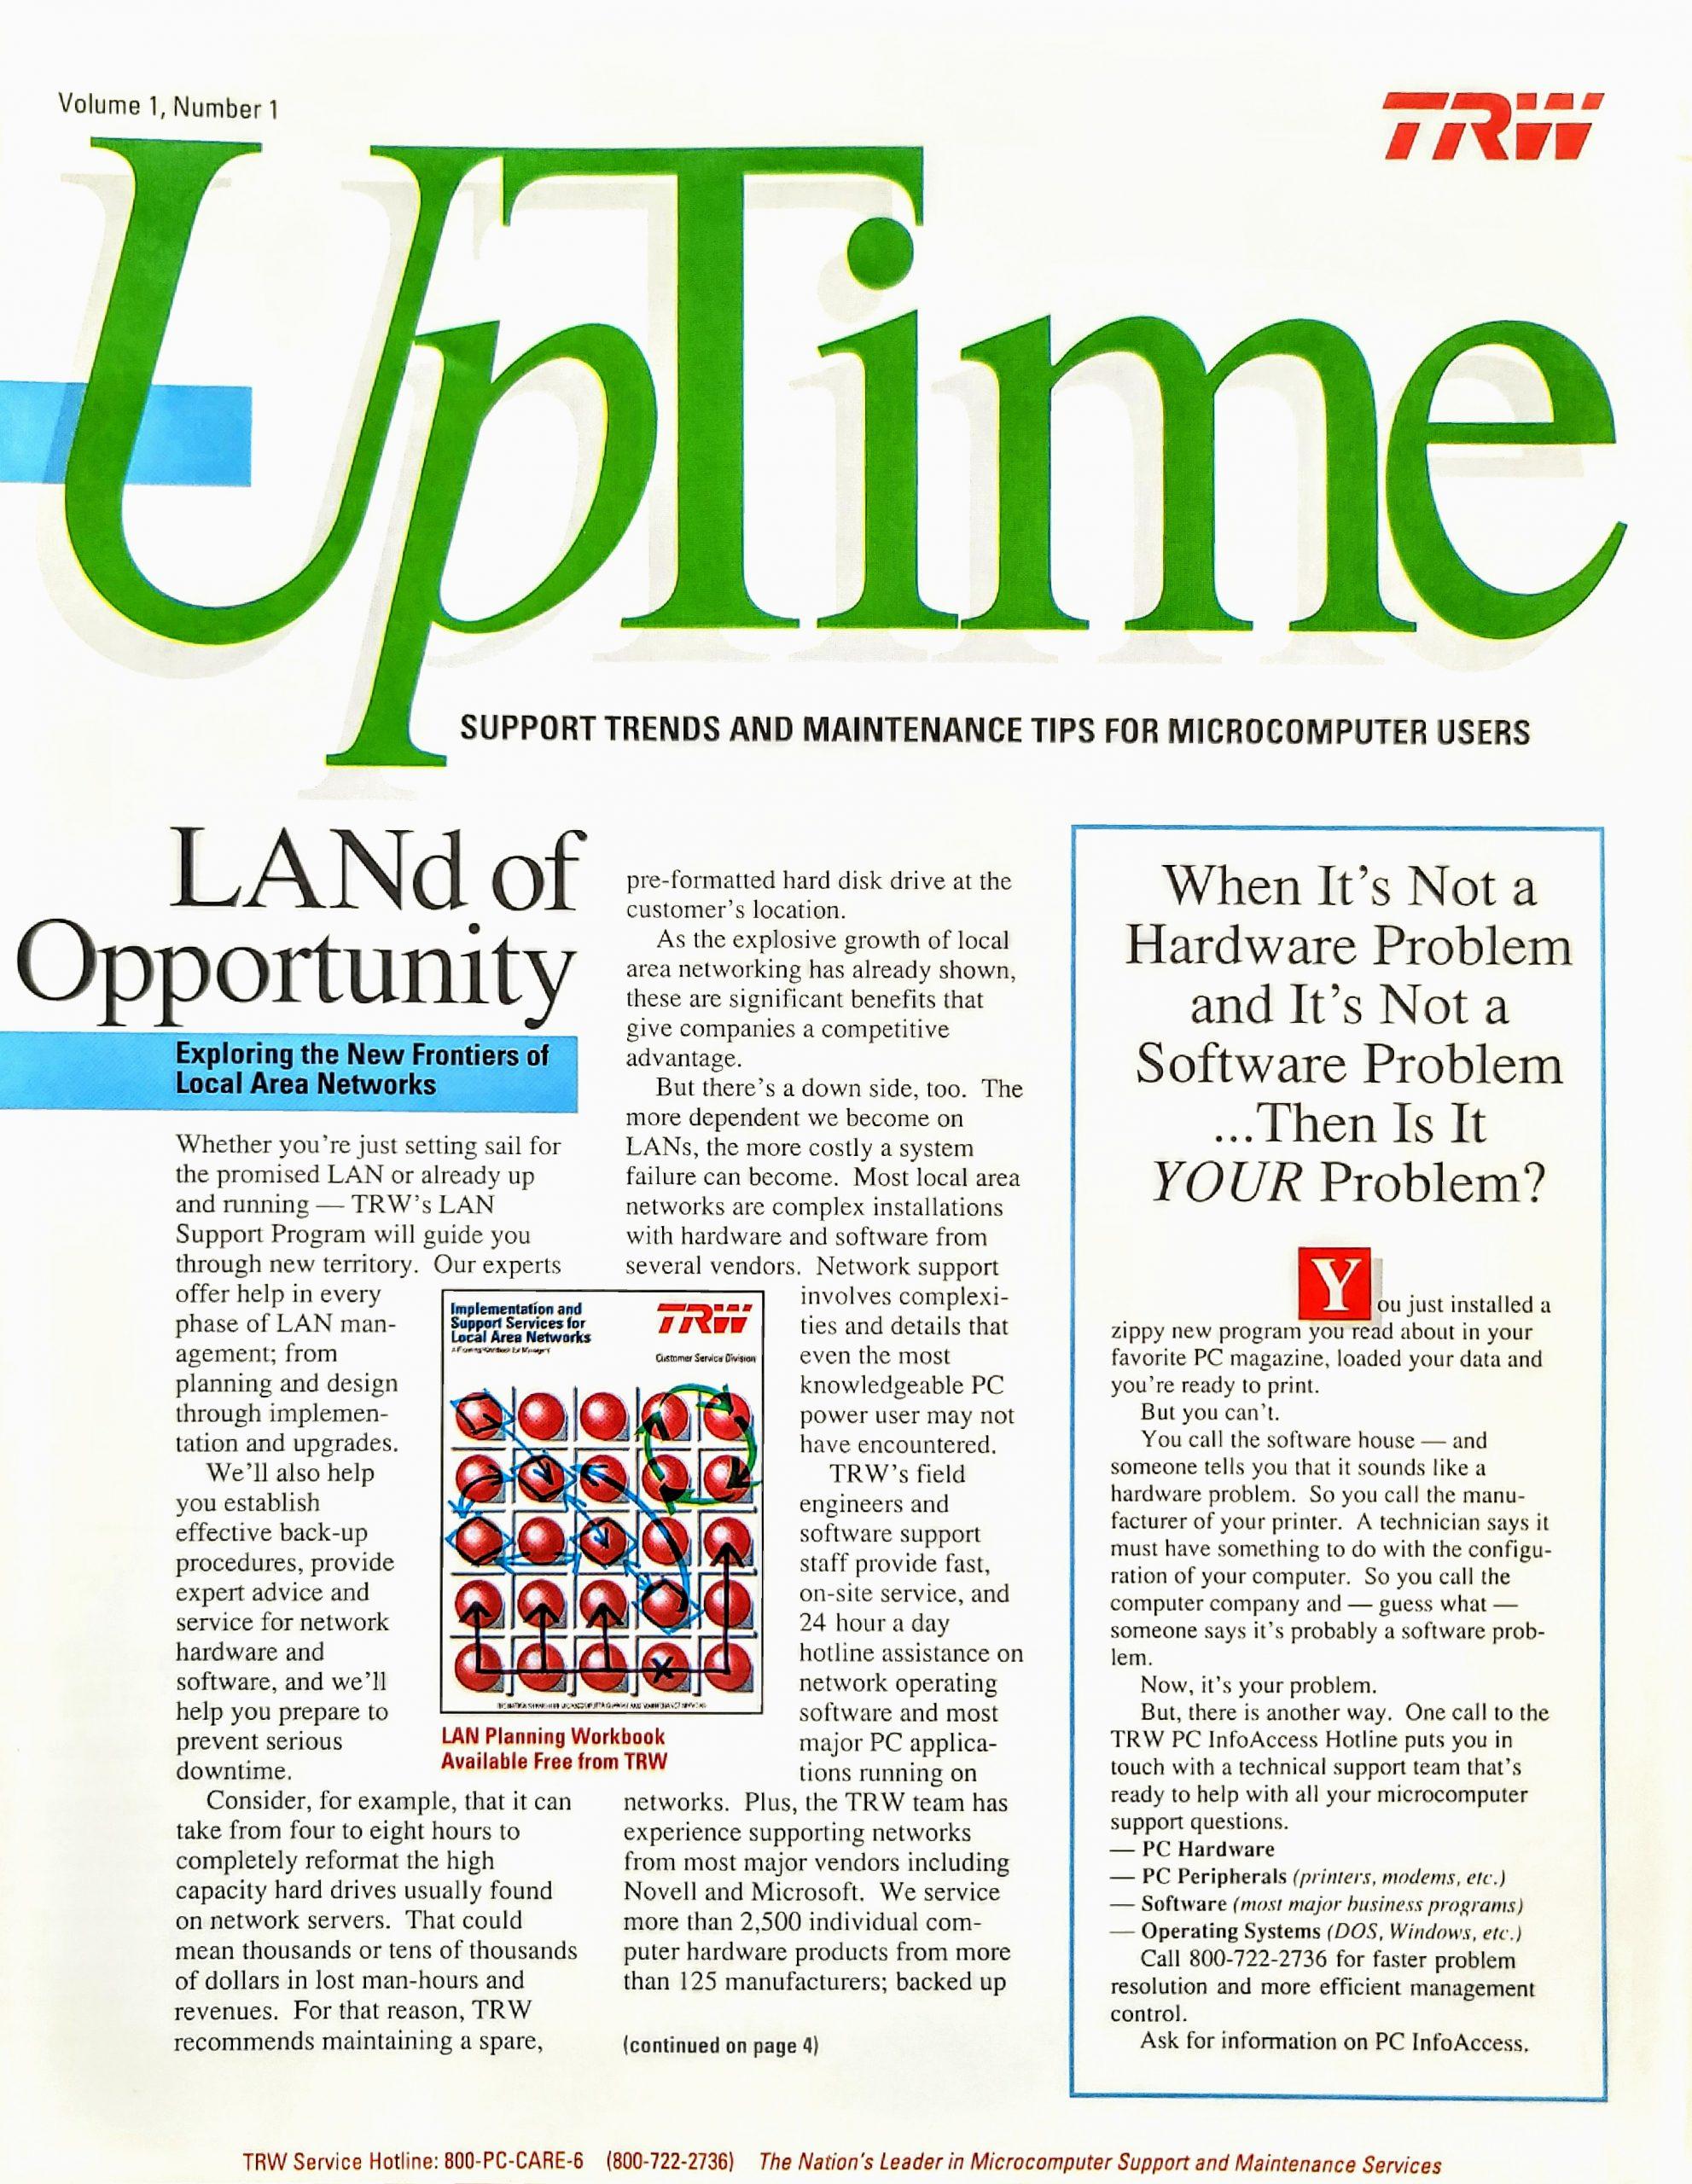 trw_uptime_newsletter_8